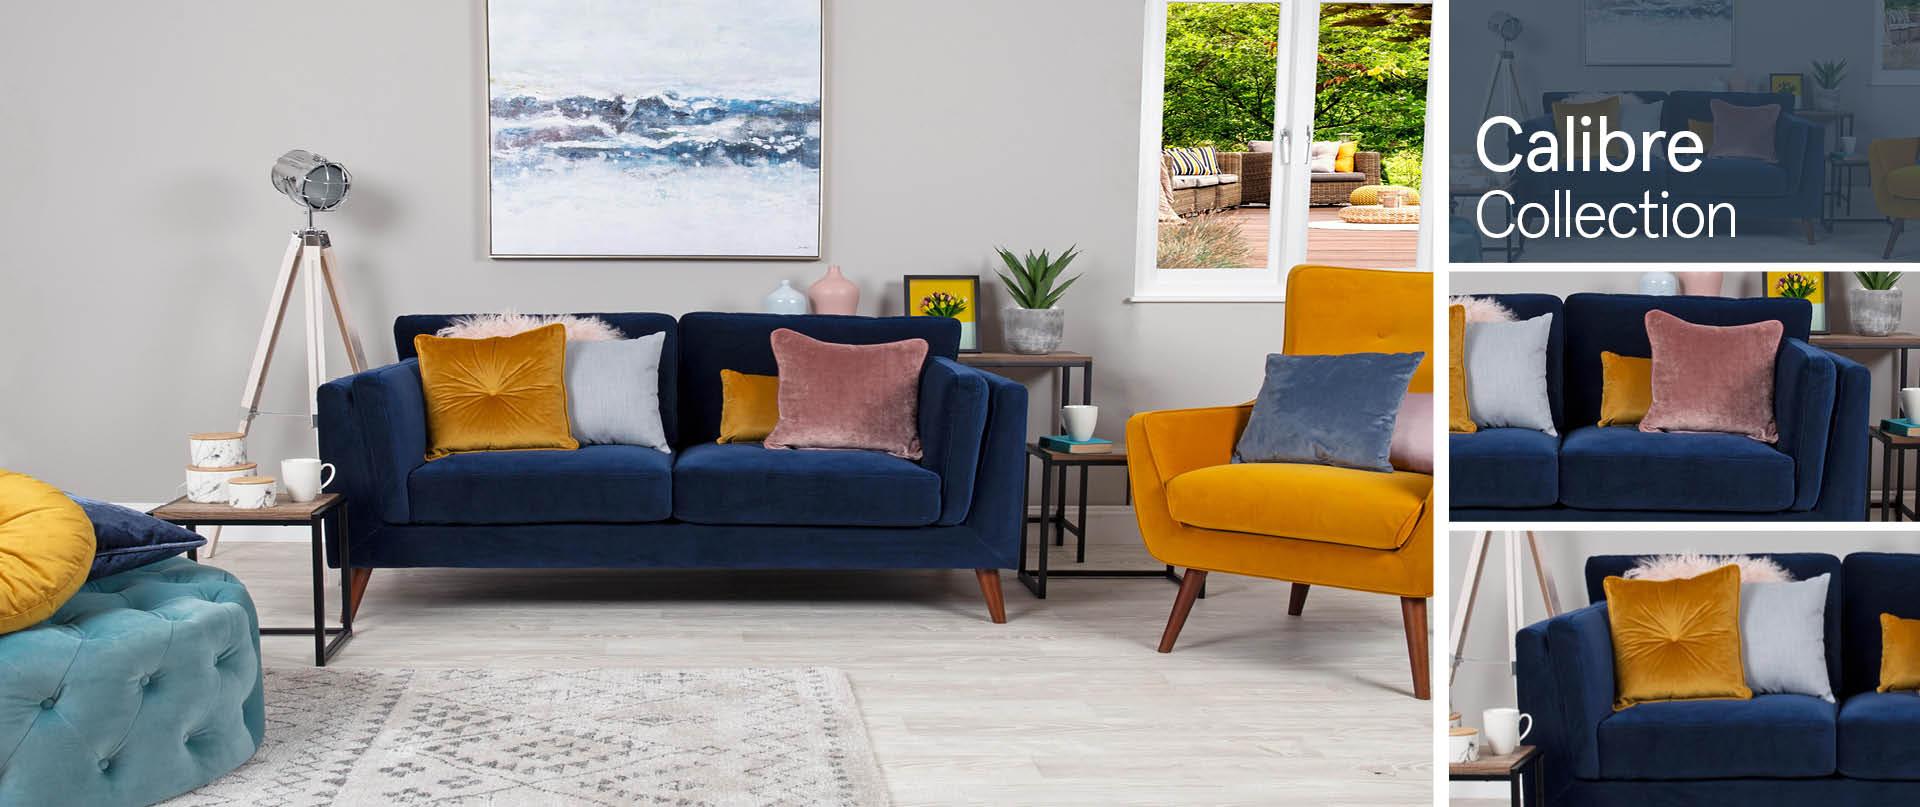 Calibre Fabric Sofas Ranges